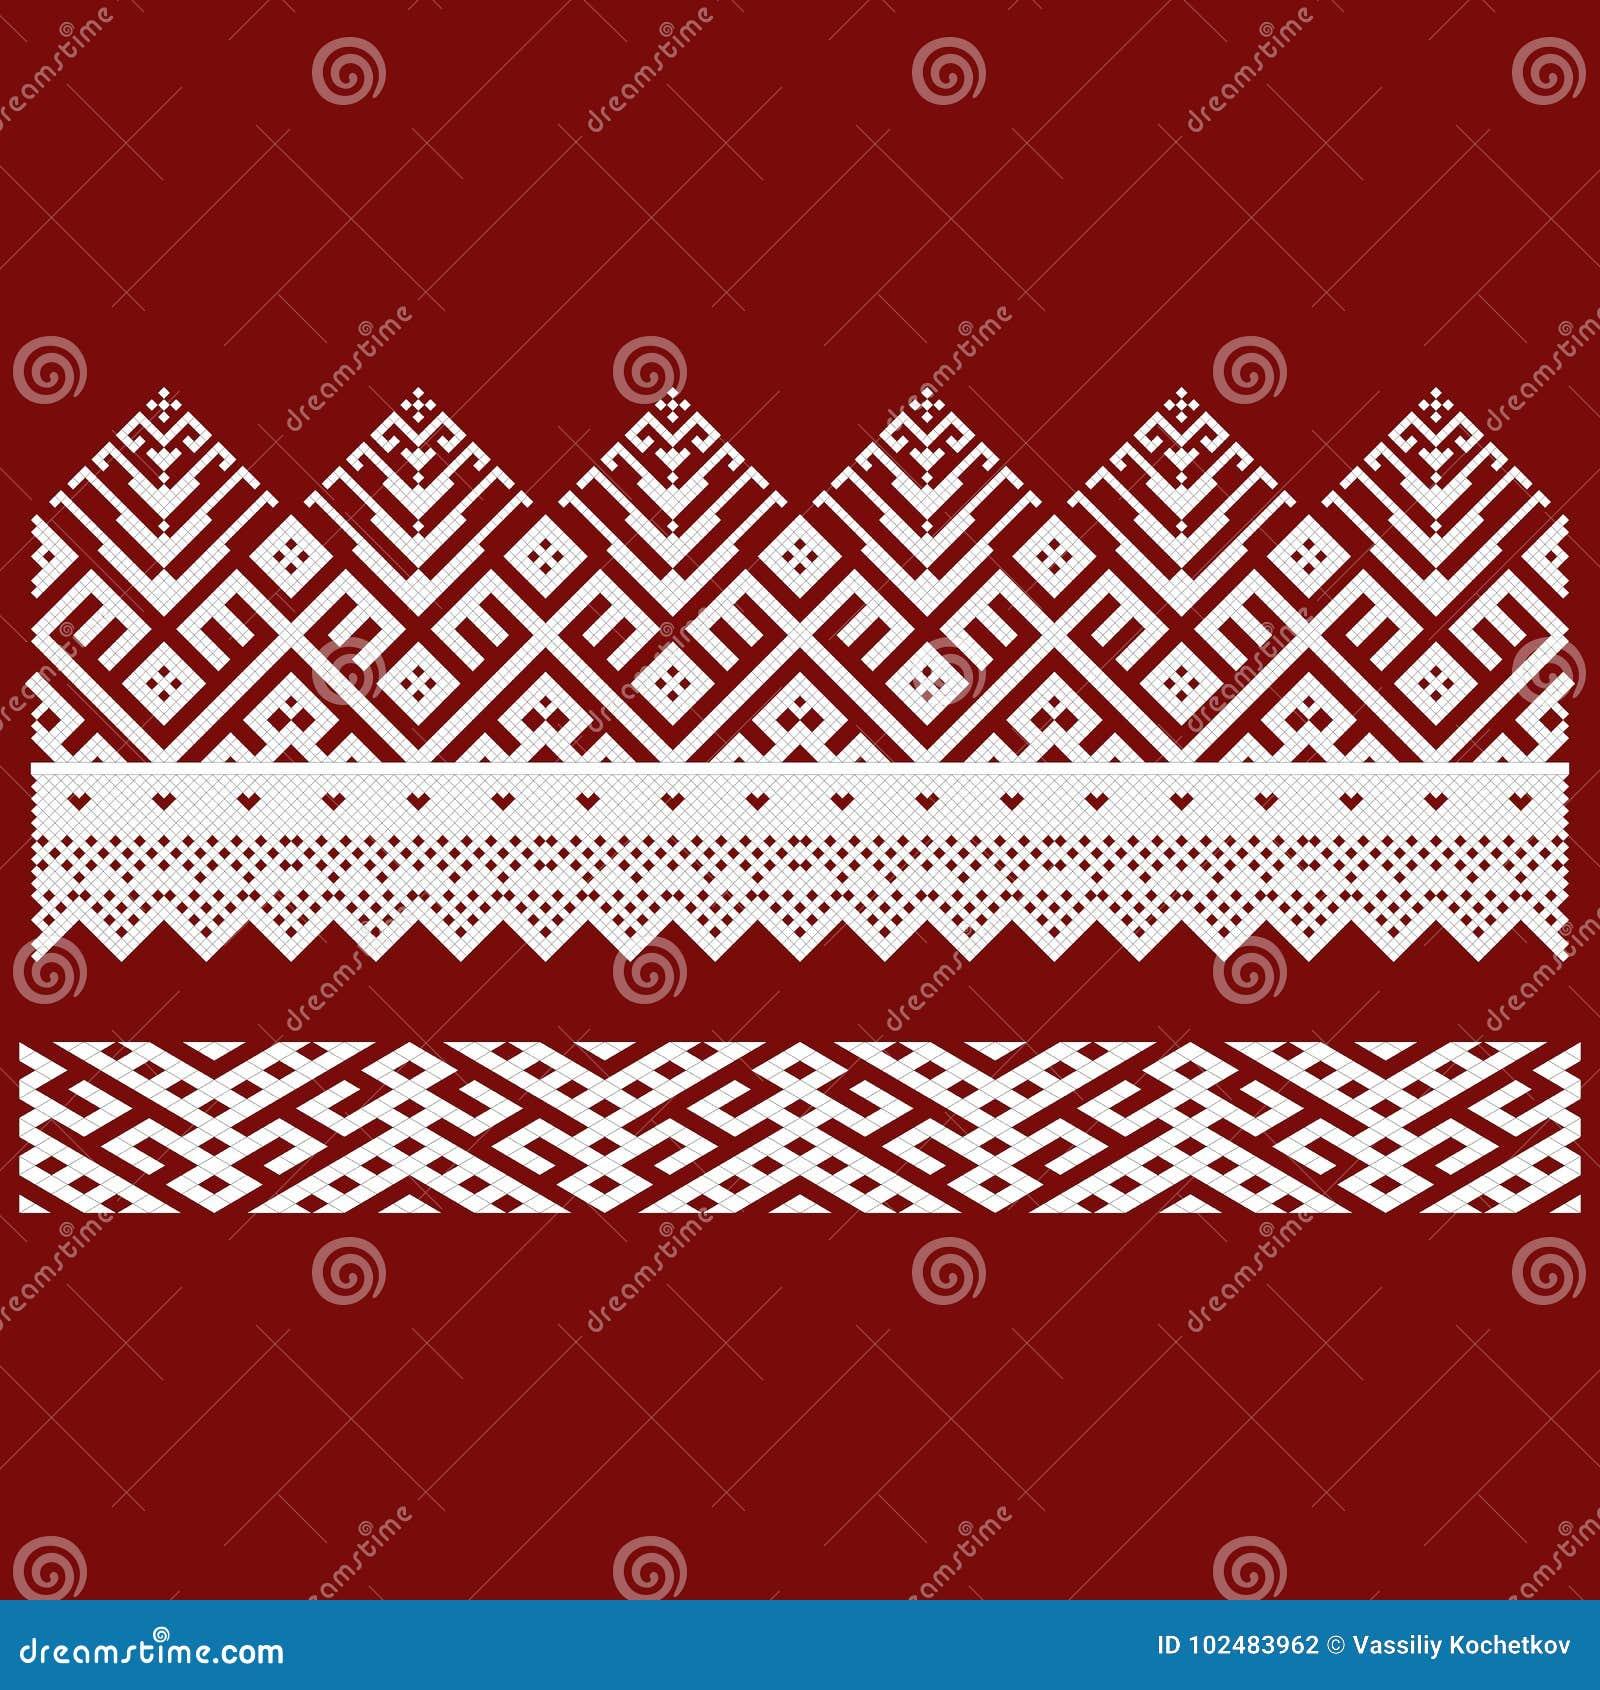 Традиционная вышивка Vector иллюстрация этнических безшовных орнаментальных геометрических картин для вашего дизайна